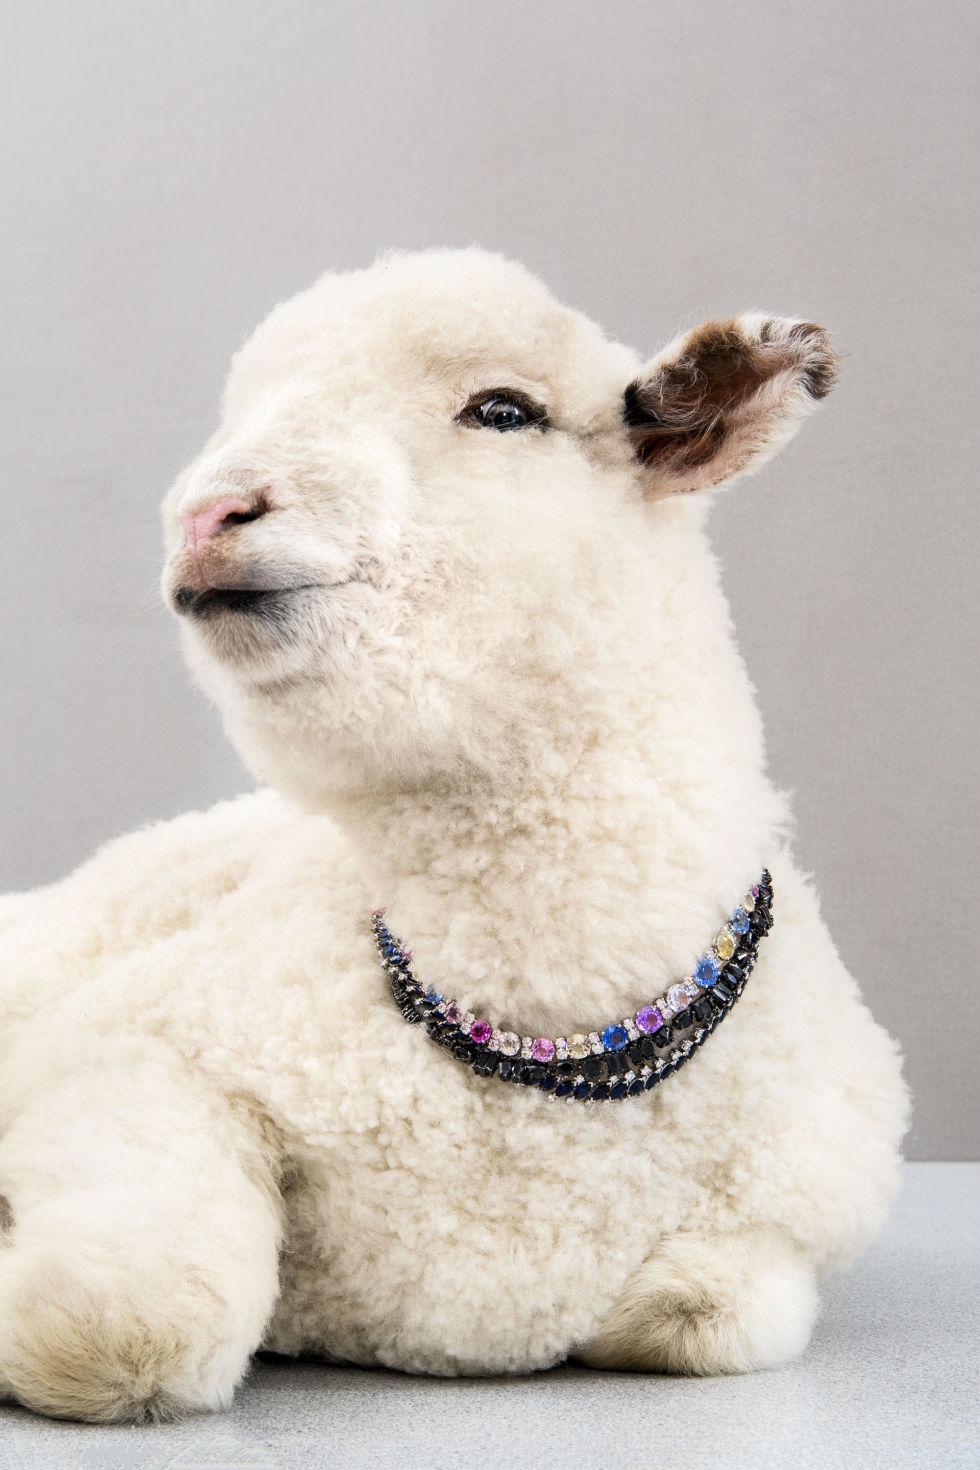 Oscar Heyman Platinum Multi-Color Diamond Necklace, price upon request; oscarheyman.com